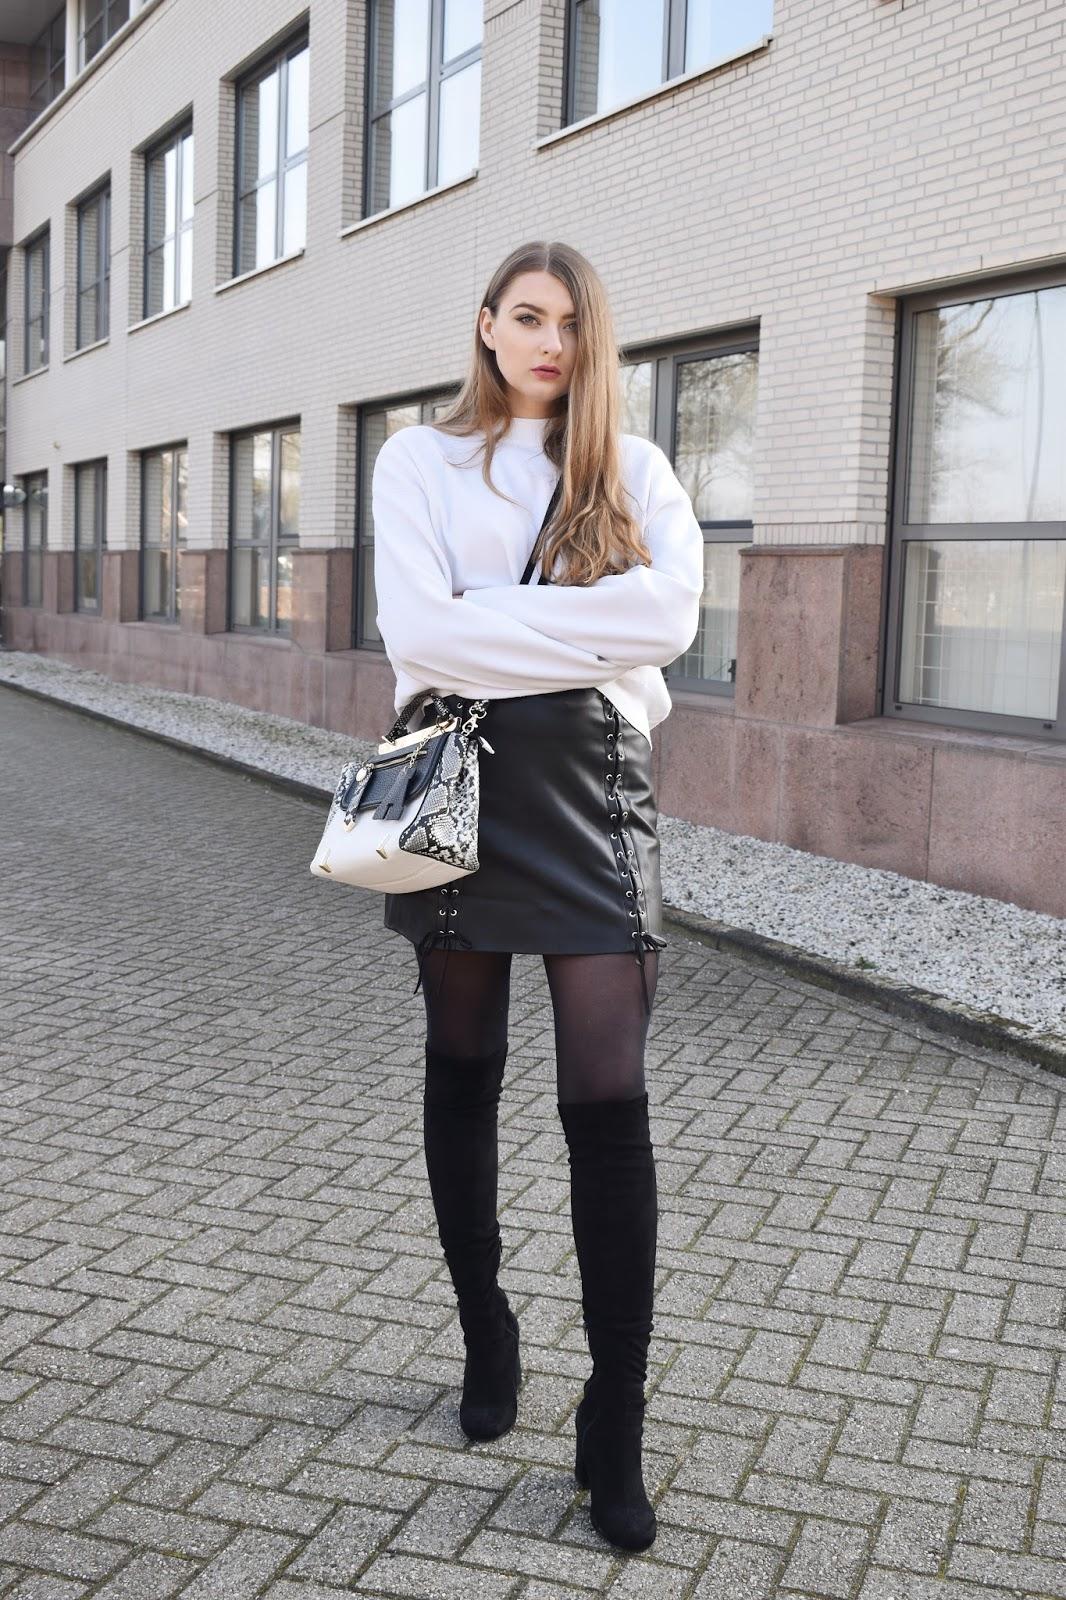 czarna skórzana spódnica stylizacje